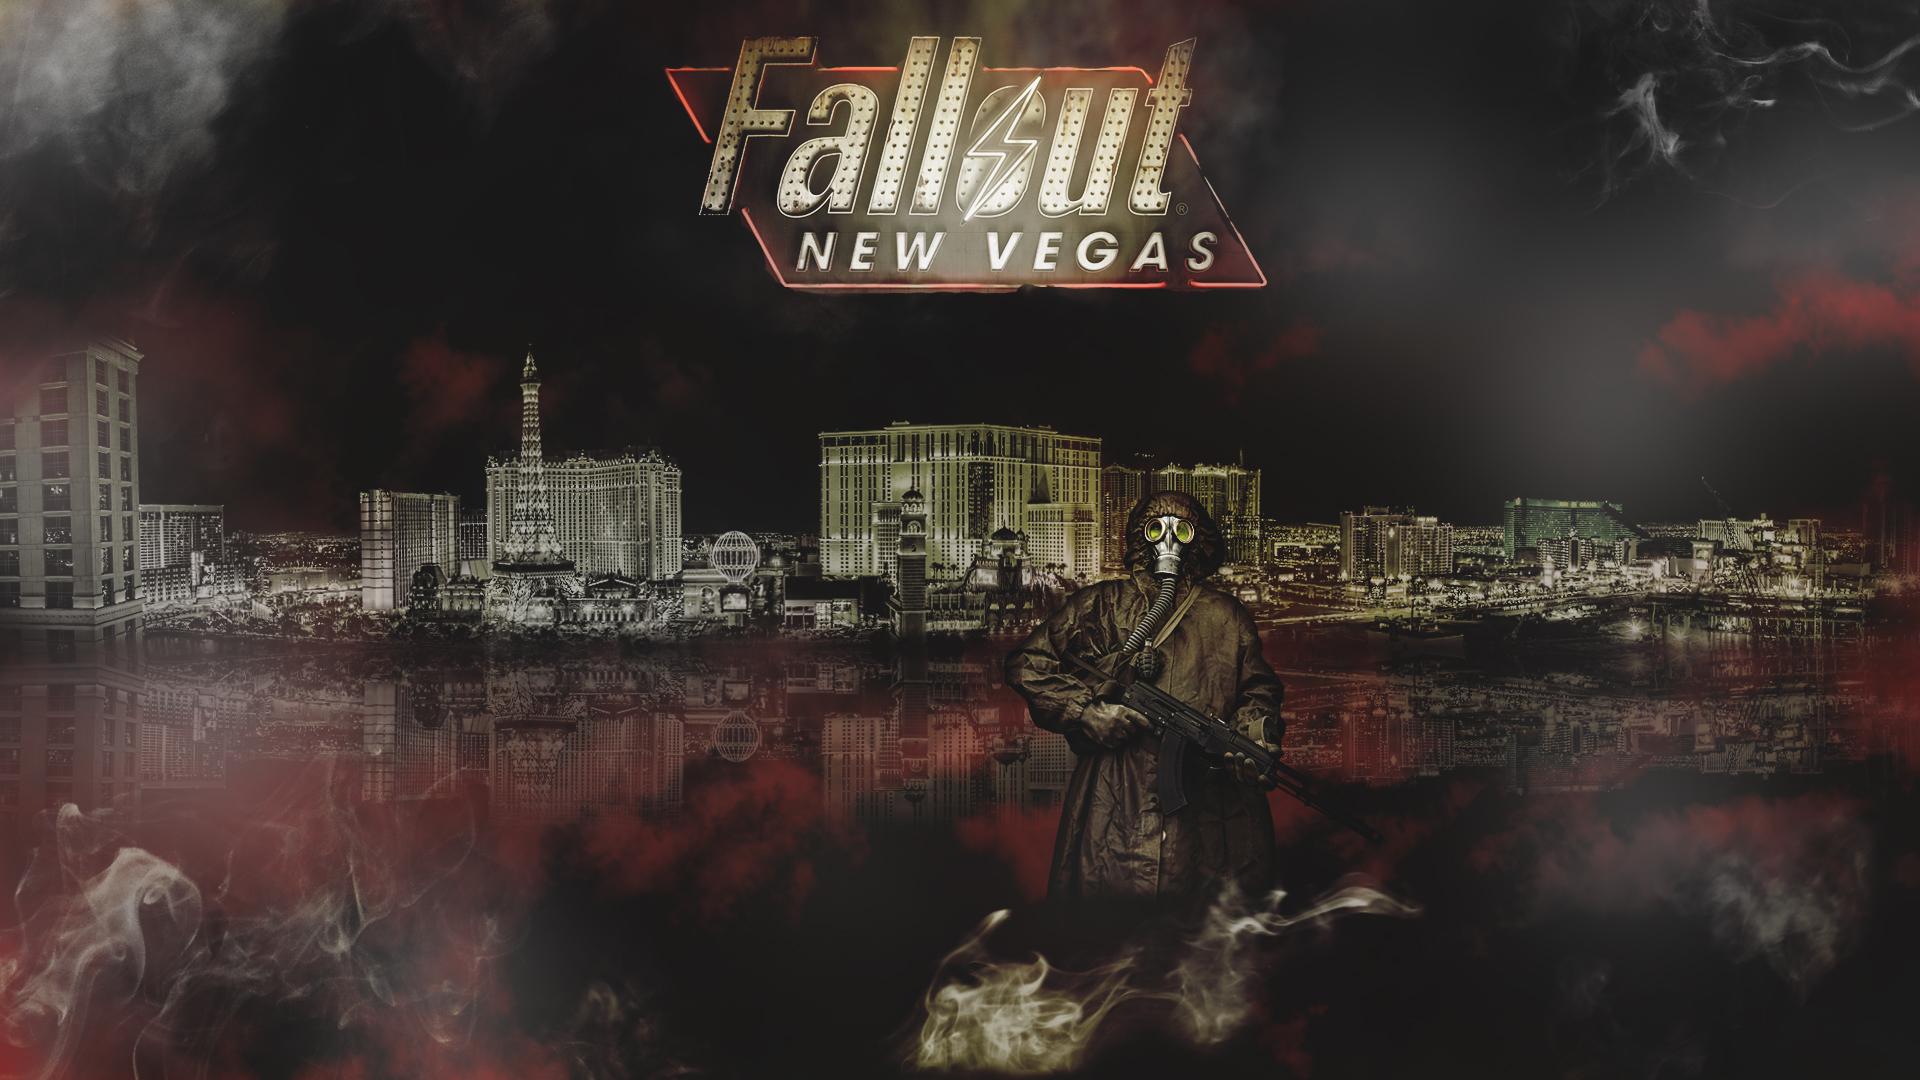 Free Download Fallout New Vegas Wallpaper 1920x1080 1920x1080